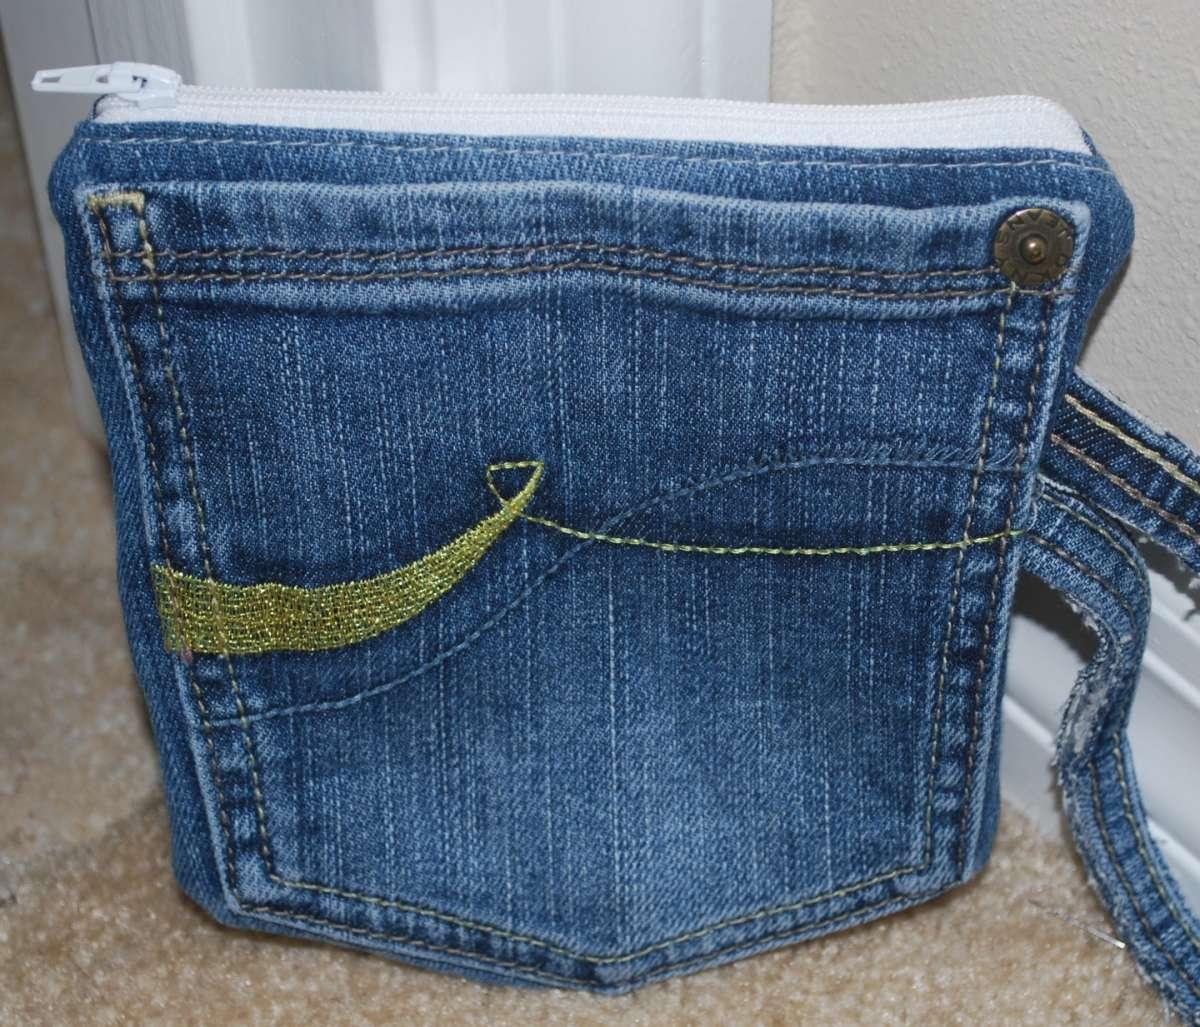 Borsa semplice di jeans